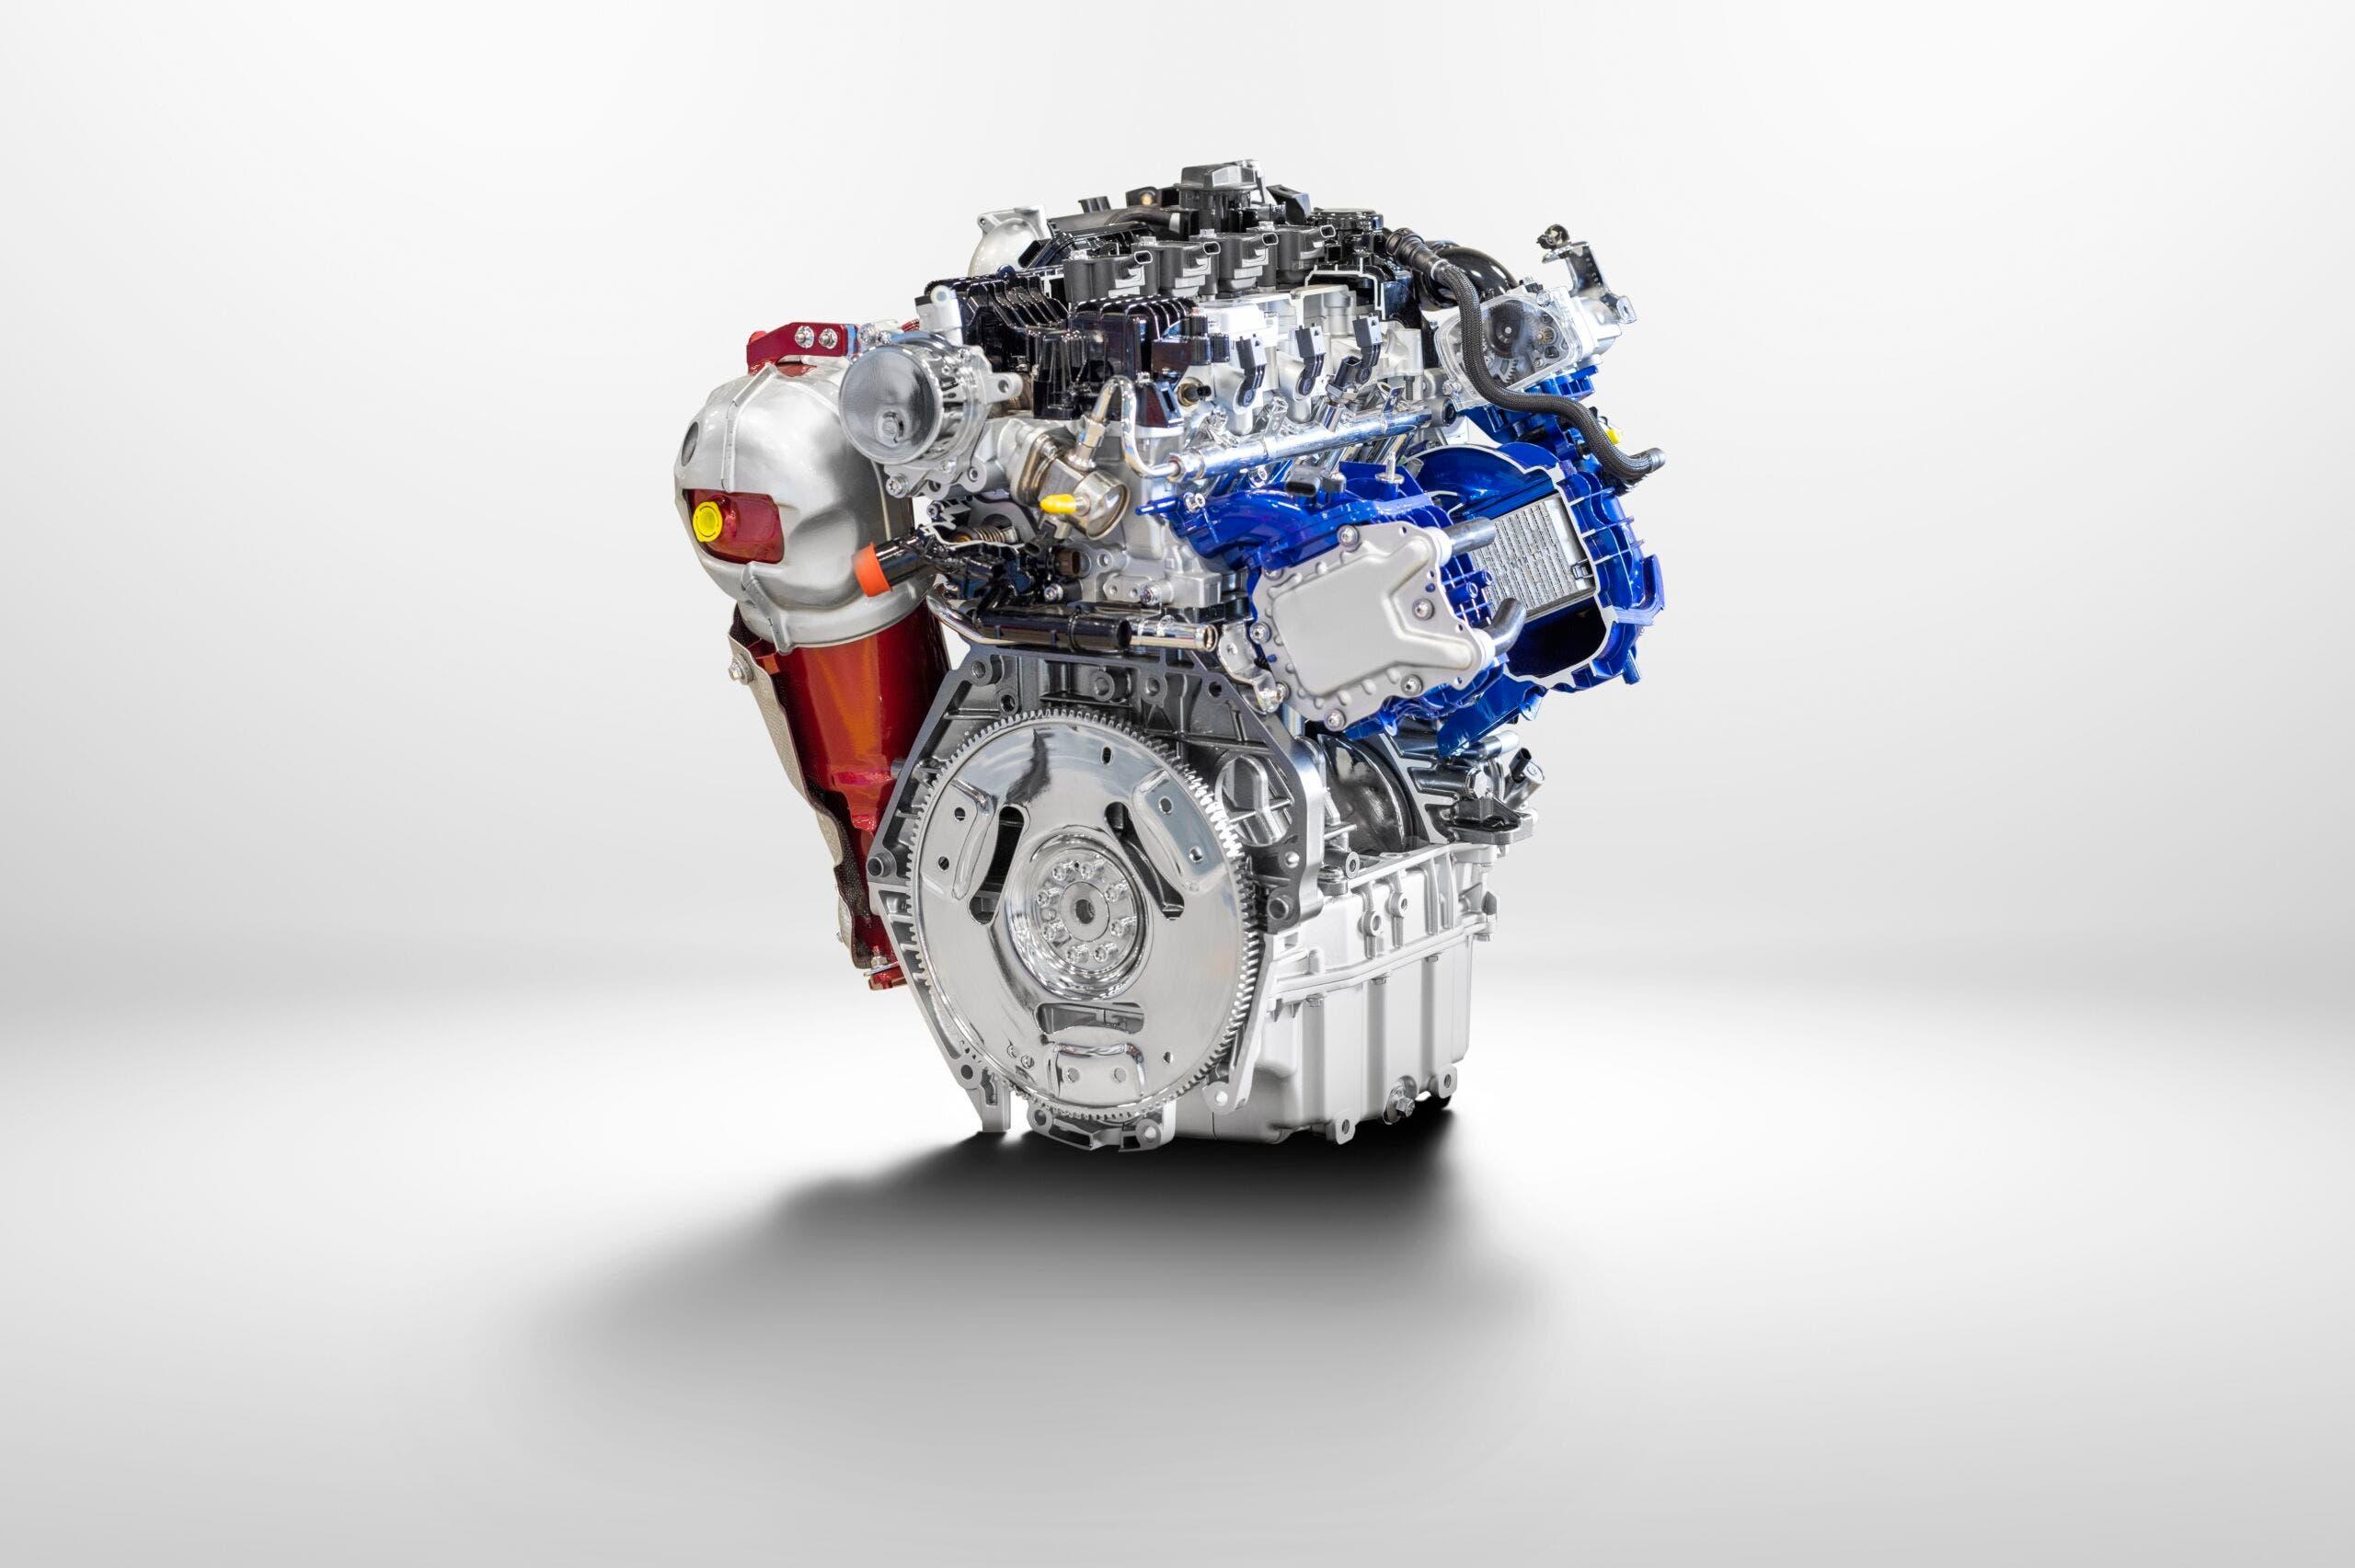 Stellantis produzione motori GSE Turbo